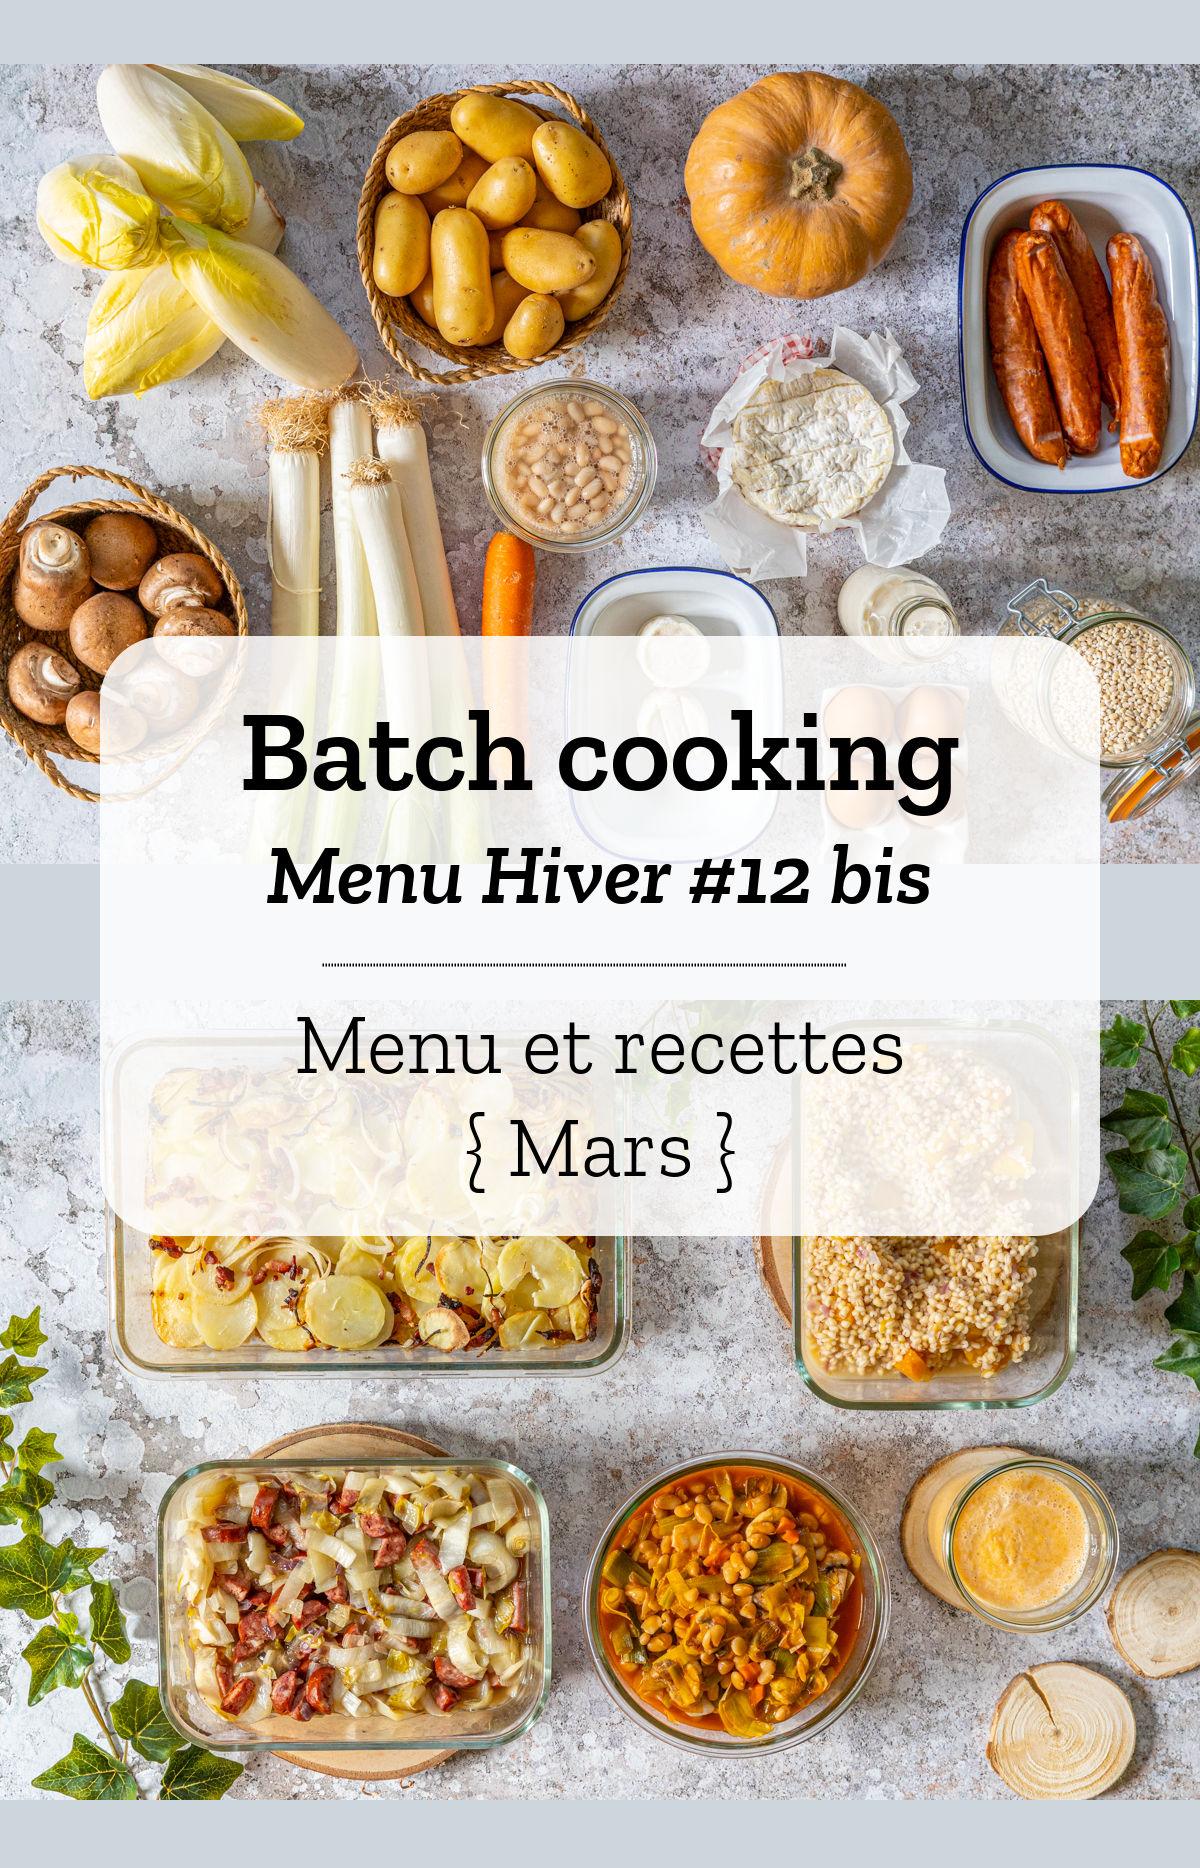 Batch cooking Hiver #12 - Mois de Mars 2021 - Semaine 11